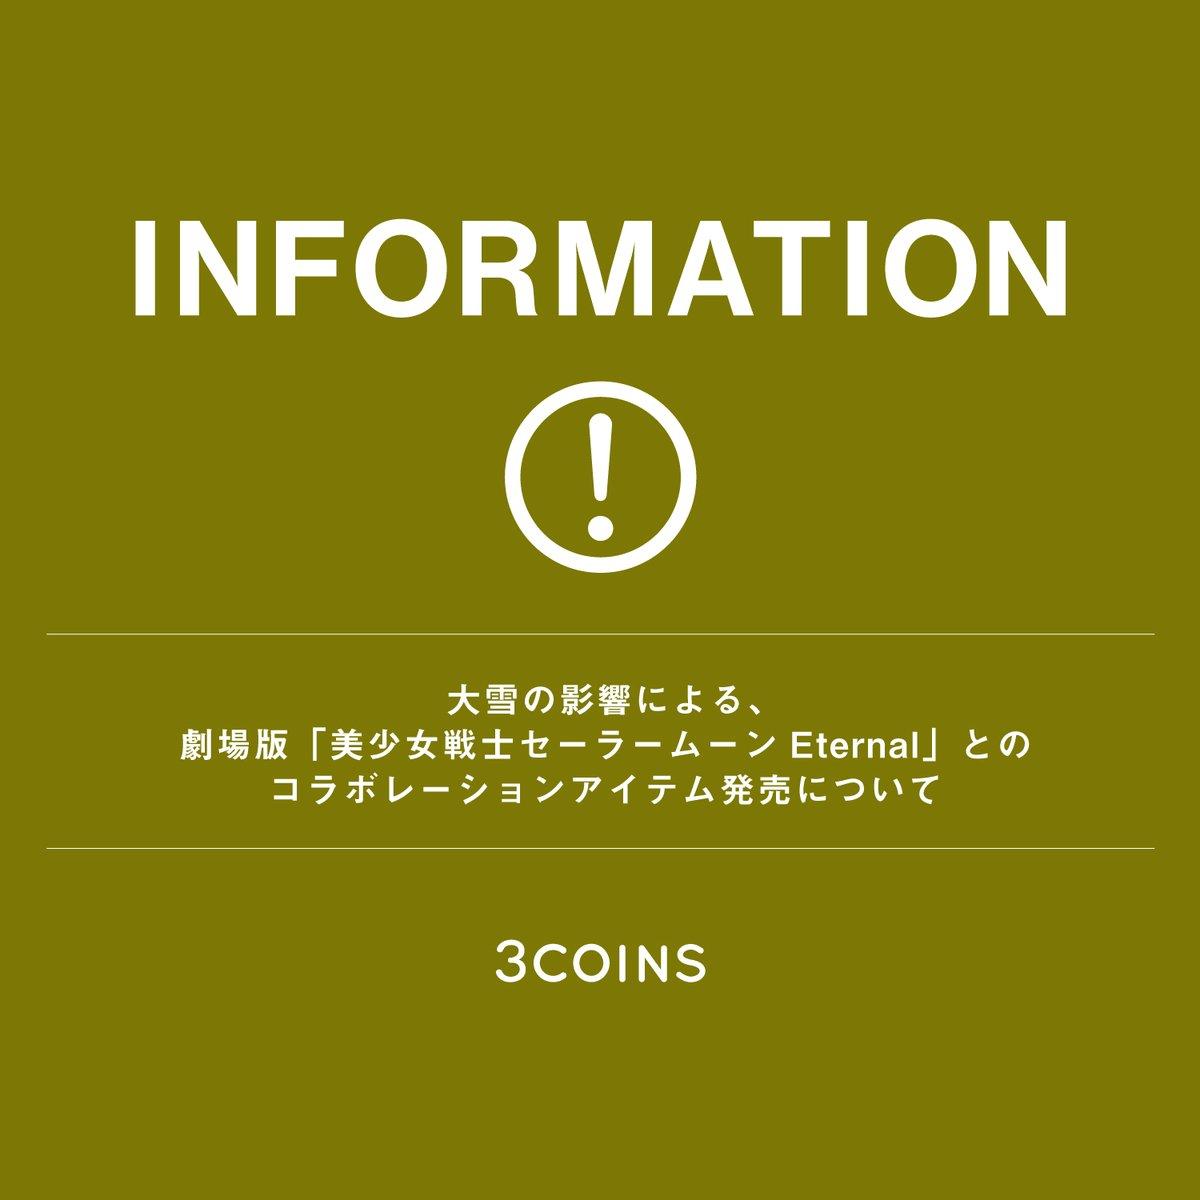 コインズ 札幌 スリー